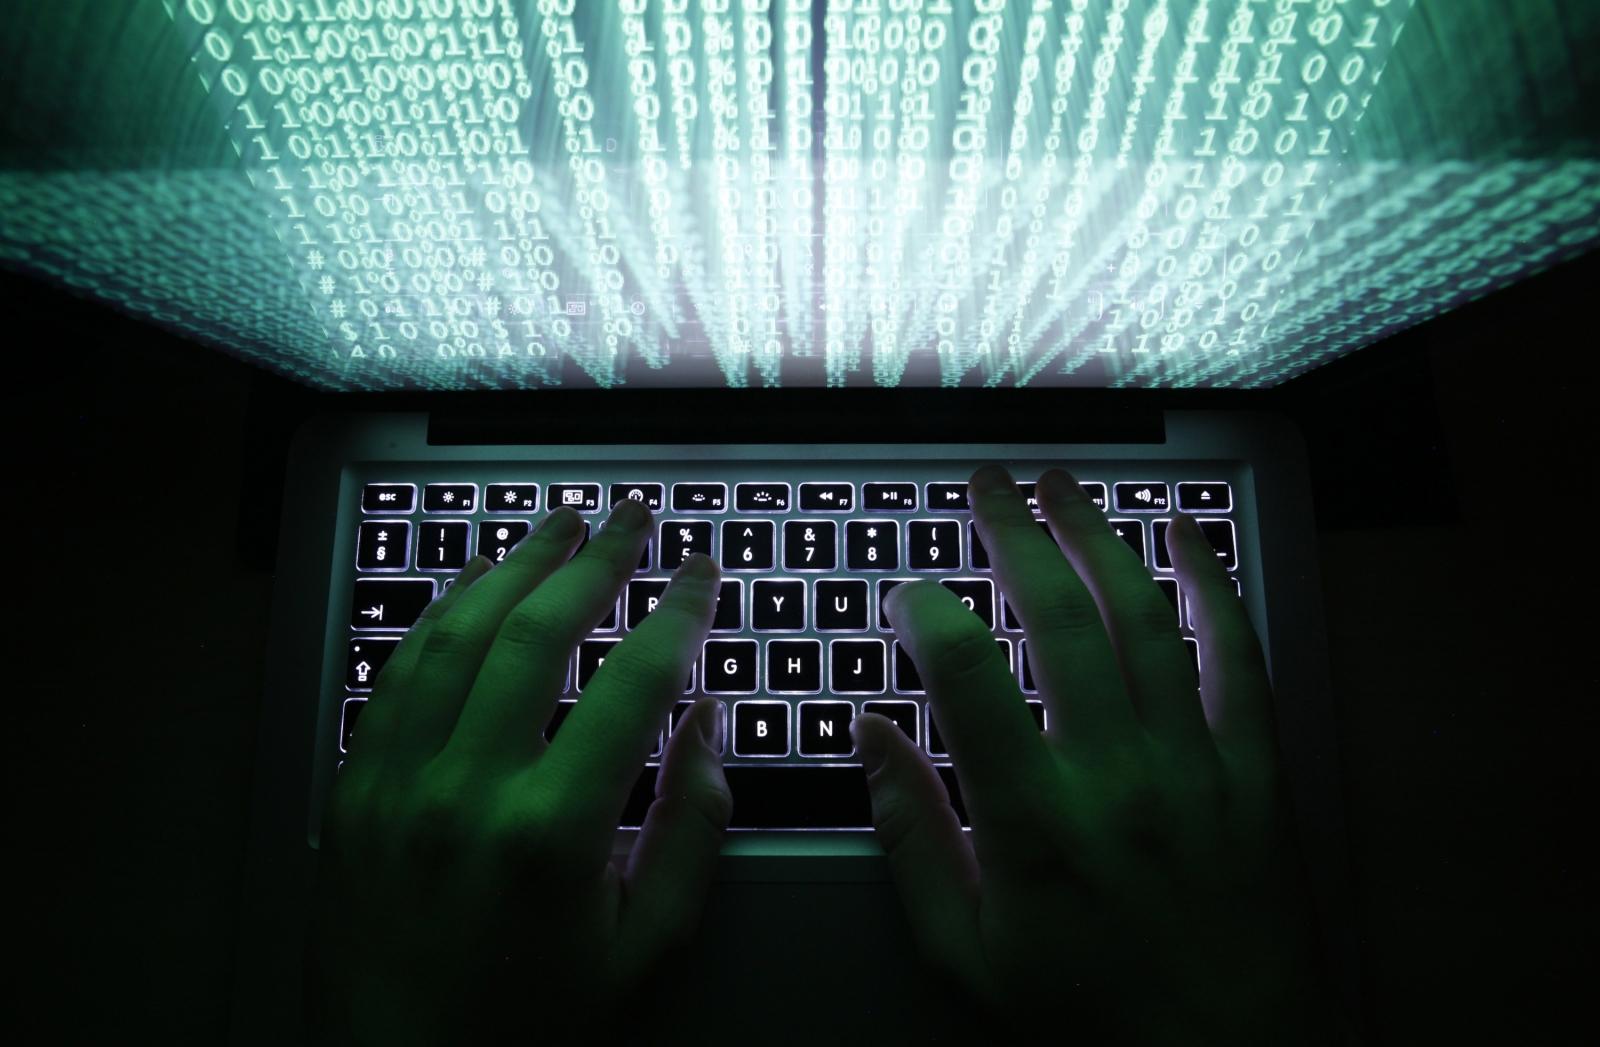 Dyre malware reborn as TrickBot now targeting Australian banks